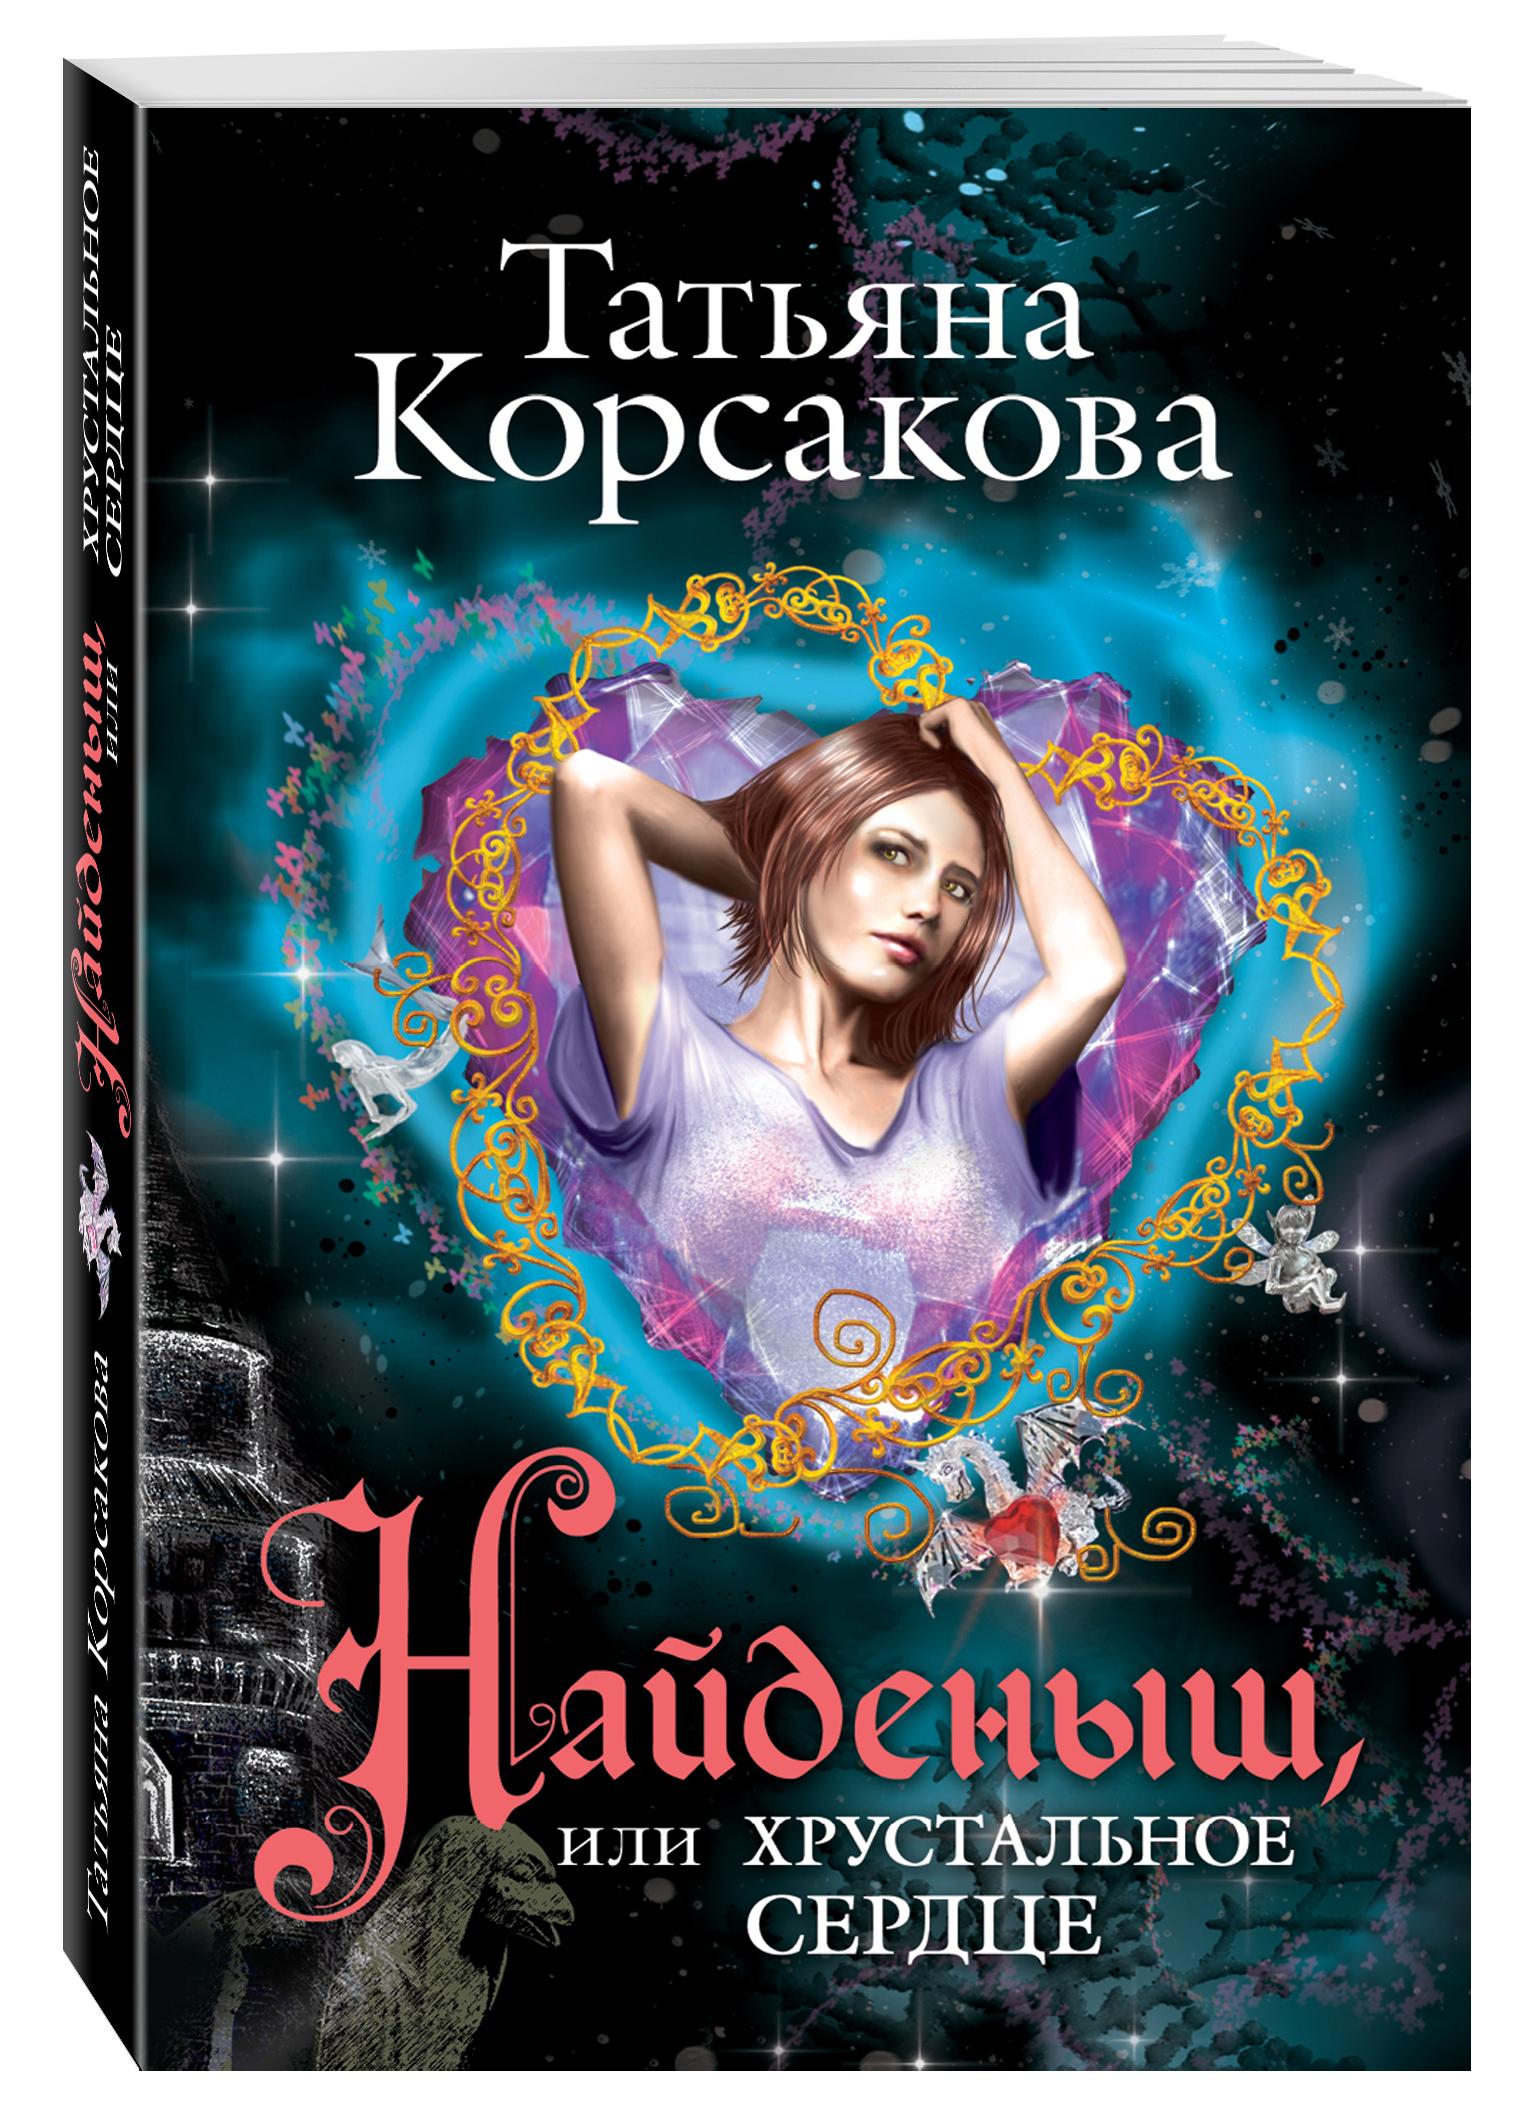 Корсакова Т. Найденыш, или Хрустальное сердце  недорого